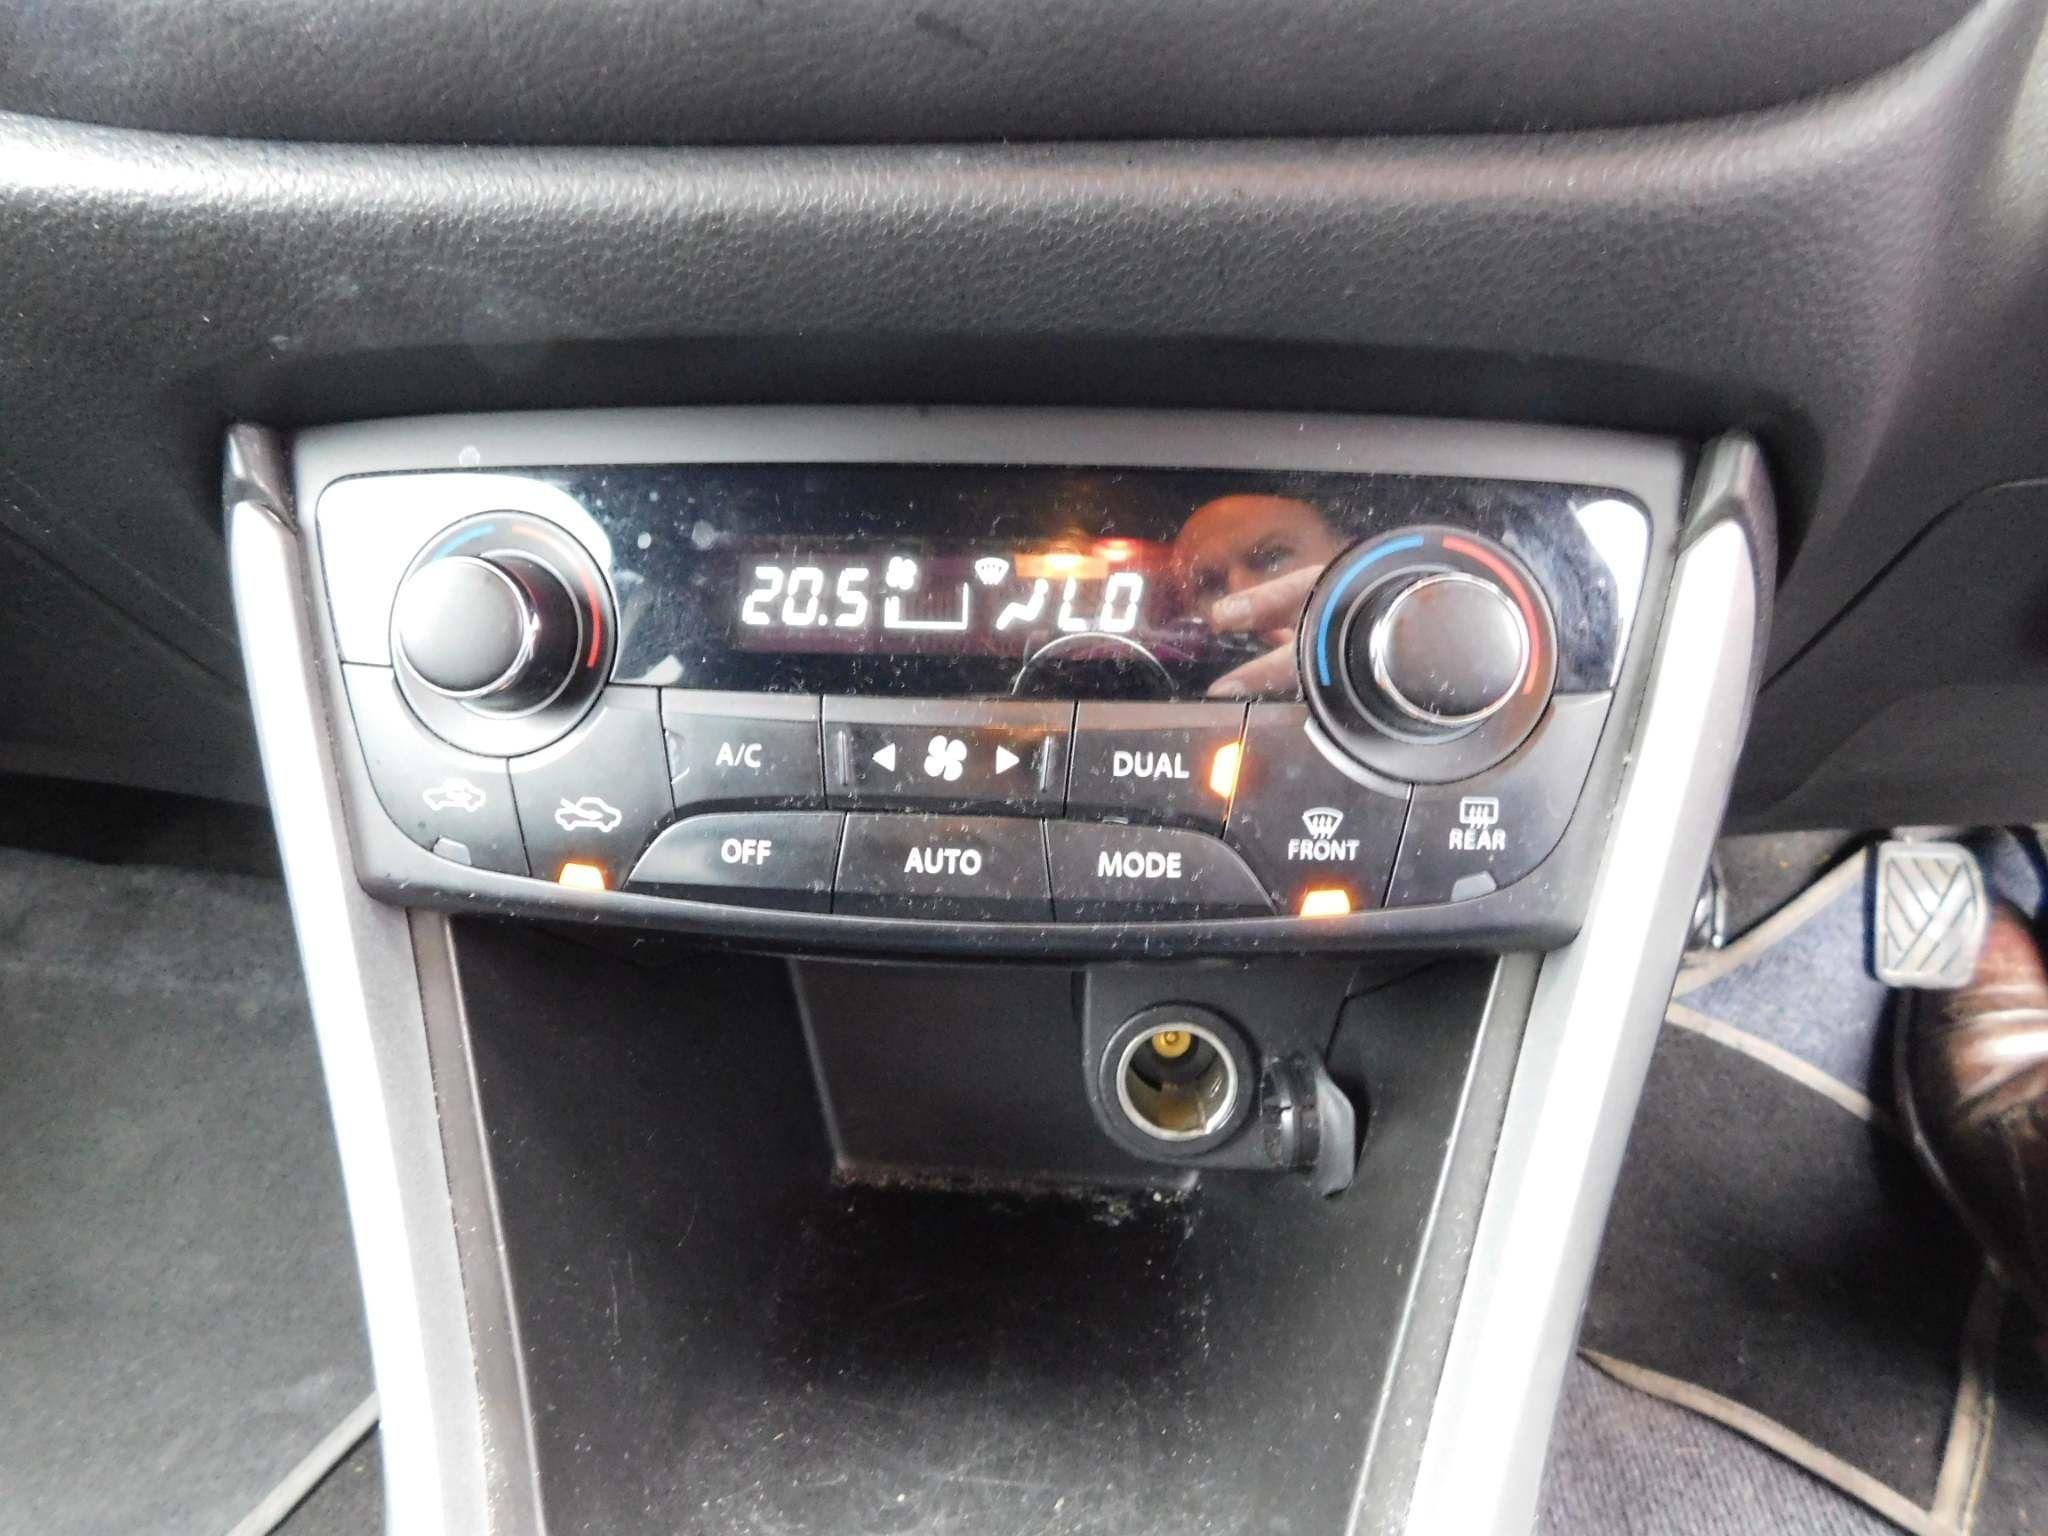 2017 SUZUKI SX4 S-Cross 1.0 Boosterjet SZ-T Petrol Manual just arrived – Meadow Cars Carrickfergus full